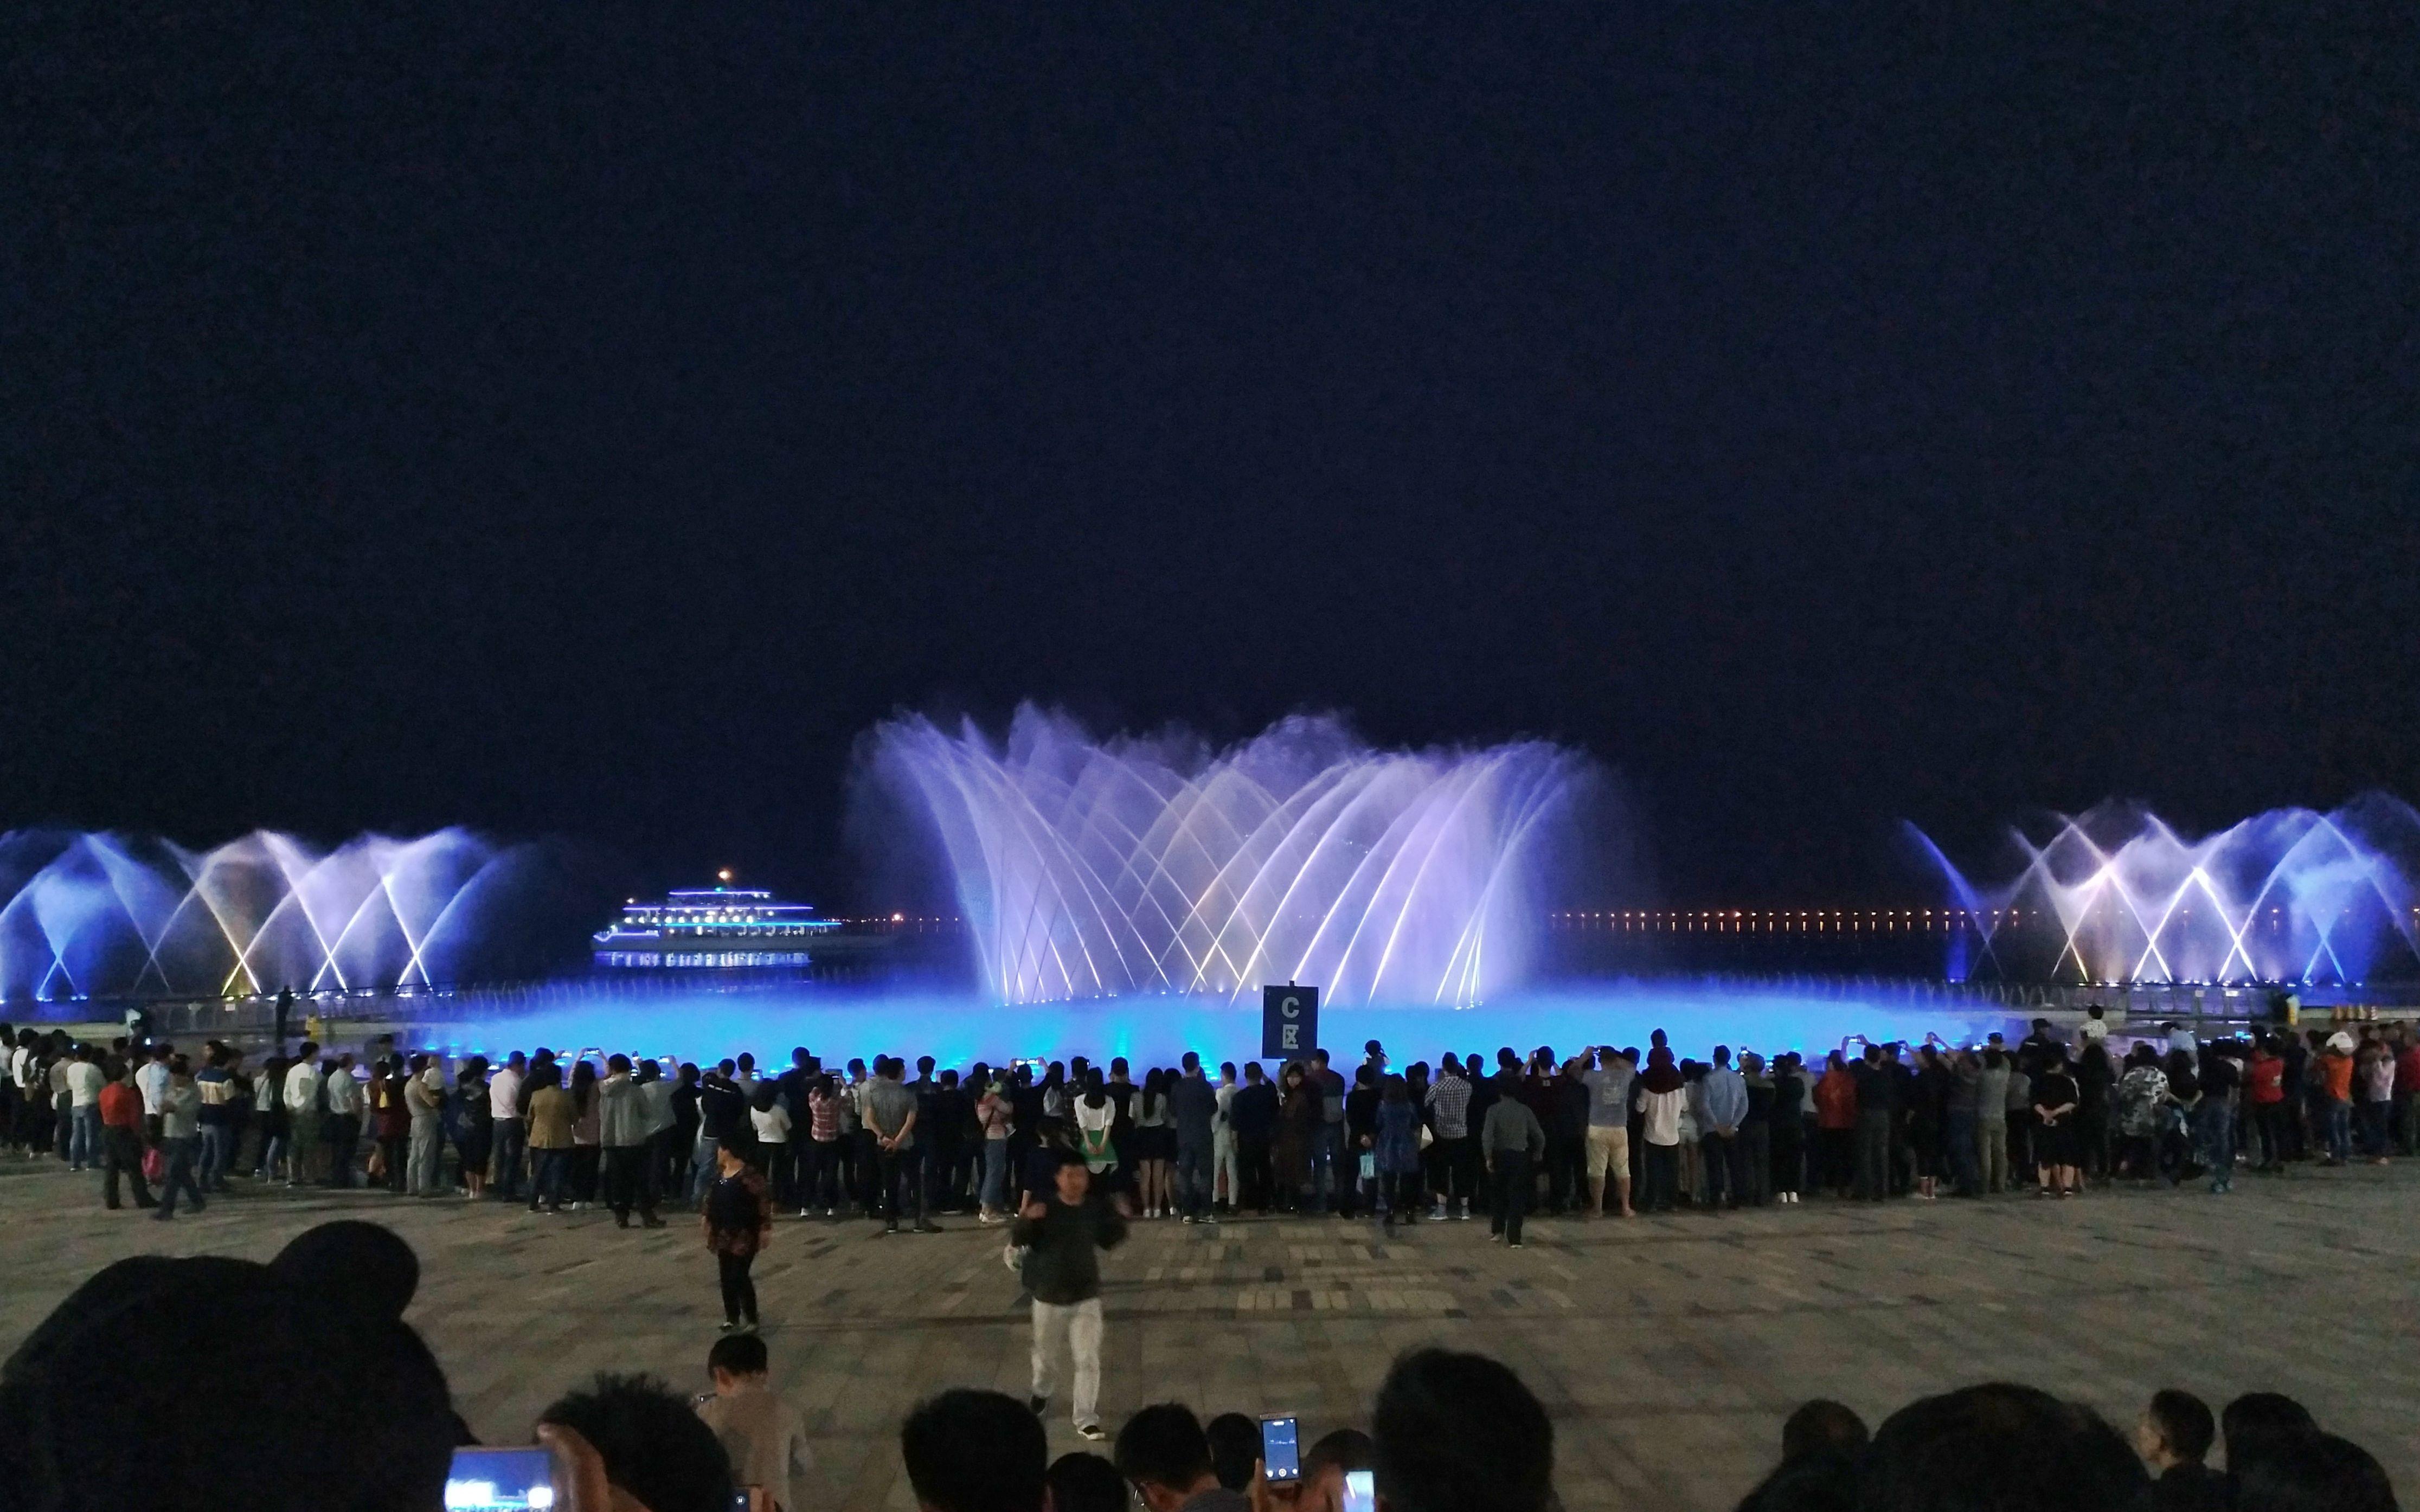 苏州湾音乐喷泉3月 图片合集图片